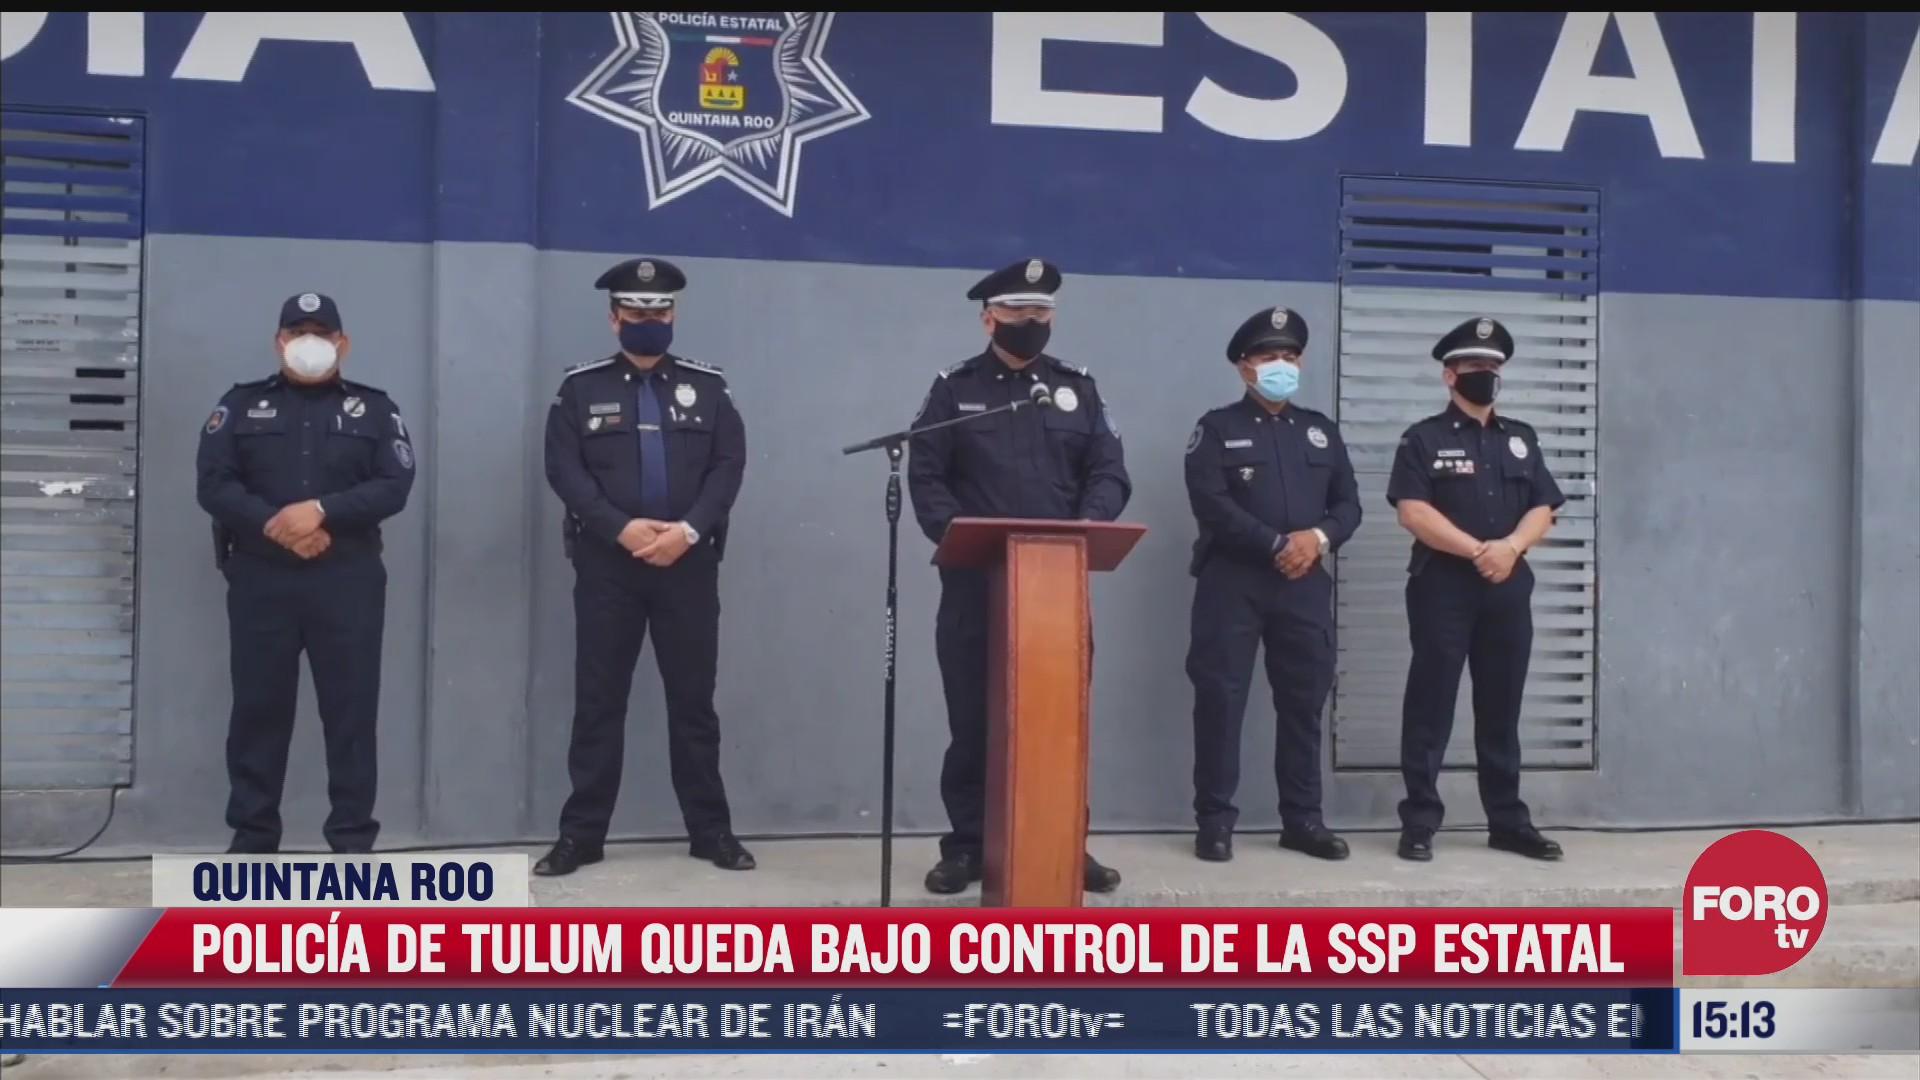 policia de tulum queda bajo control de ssp de quintana roo